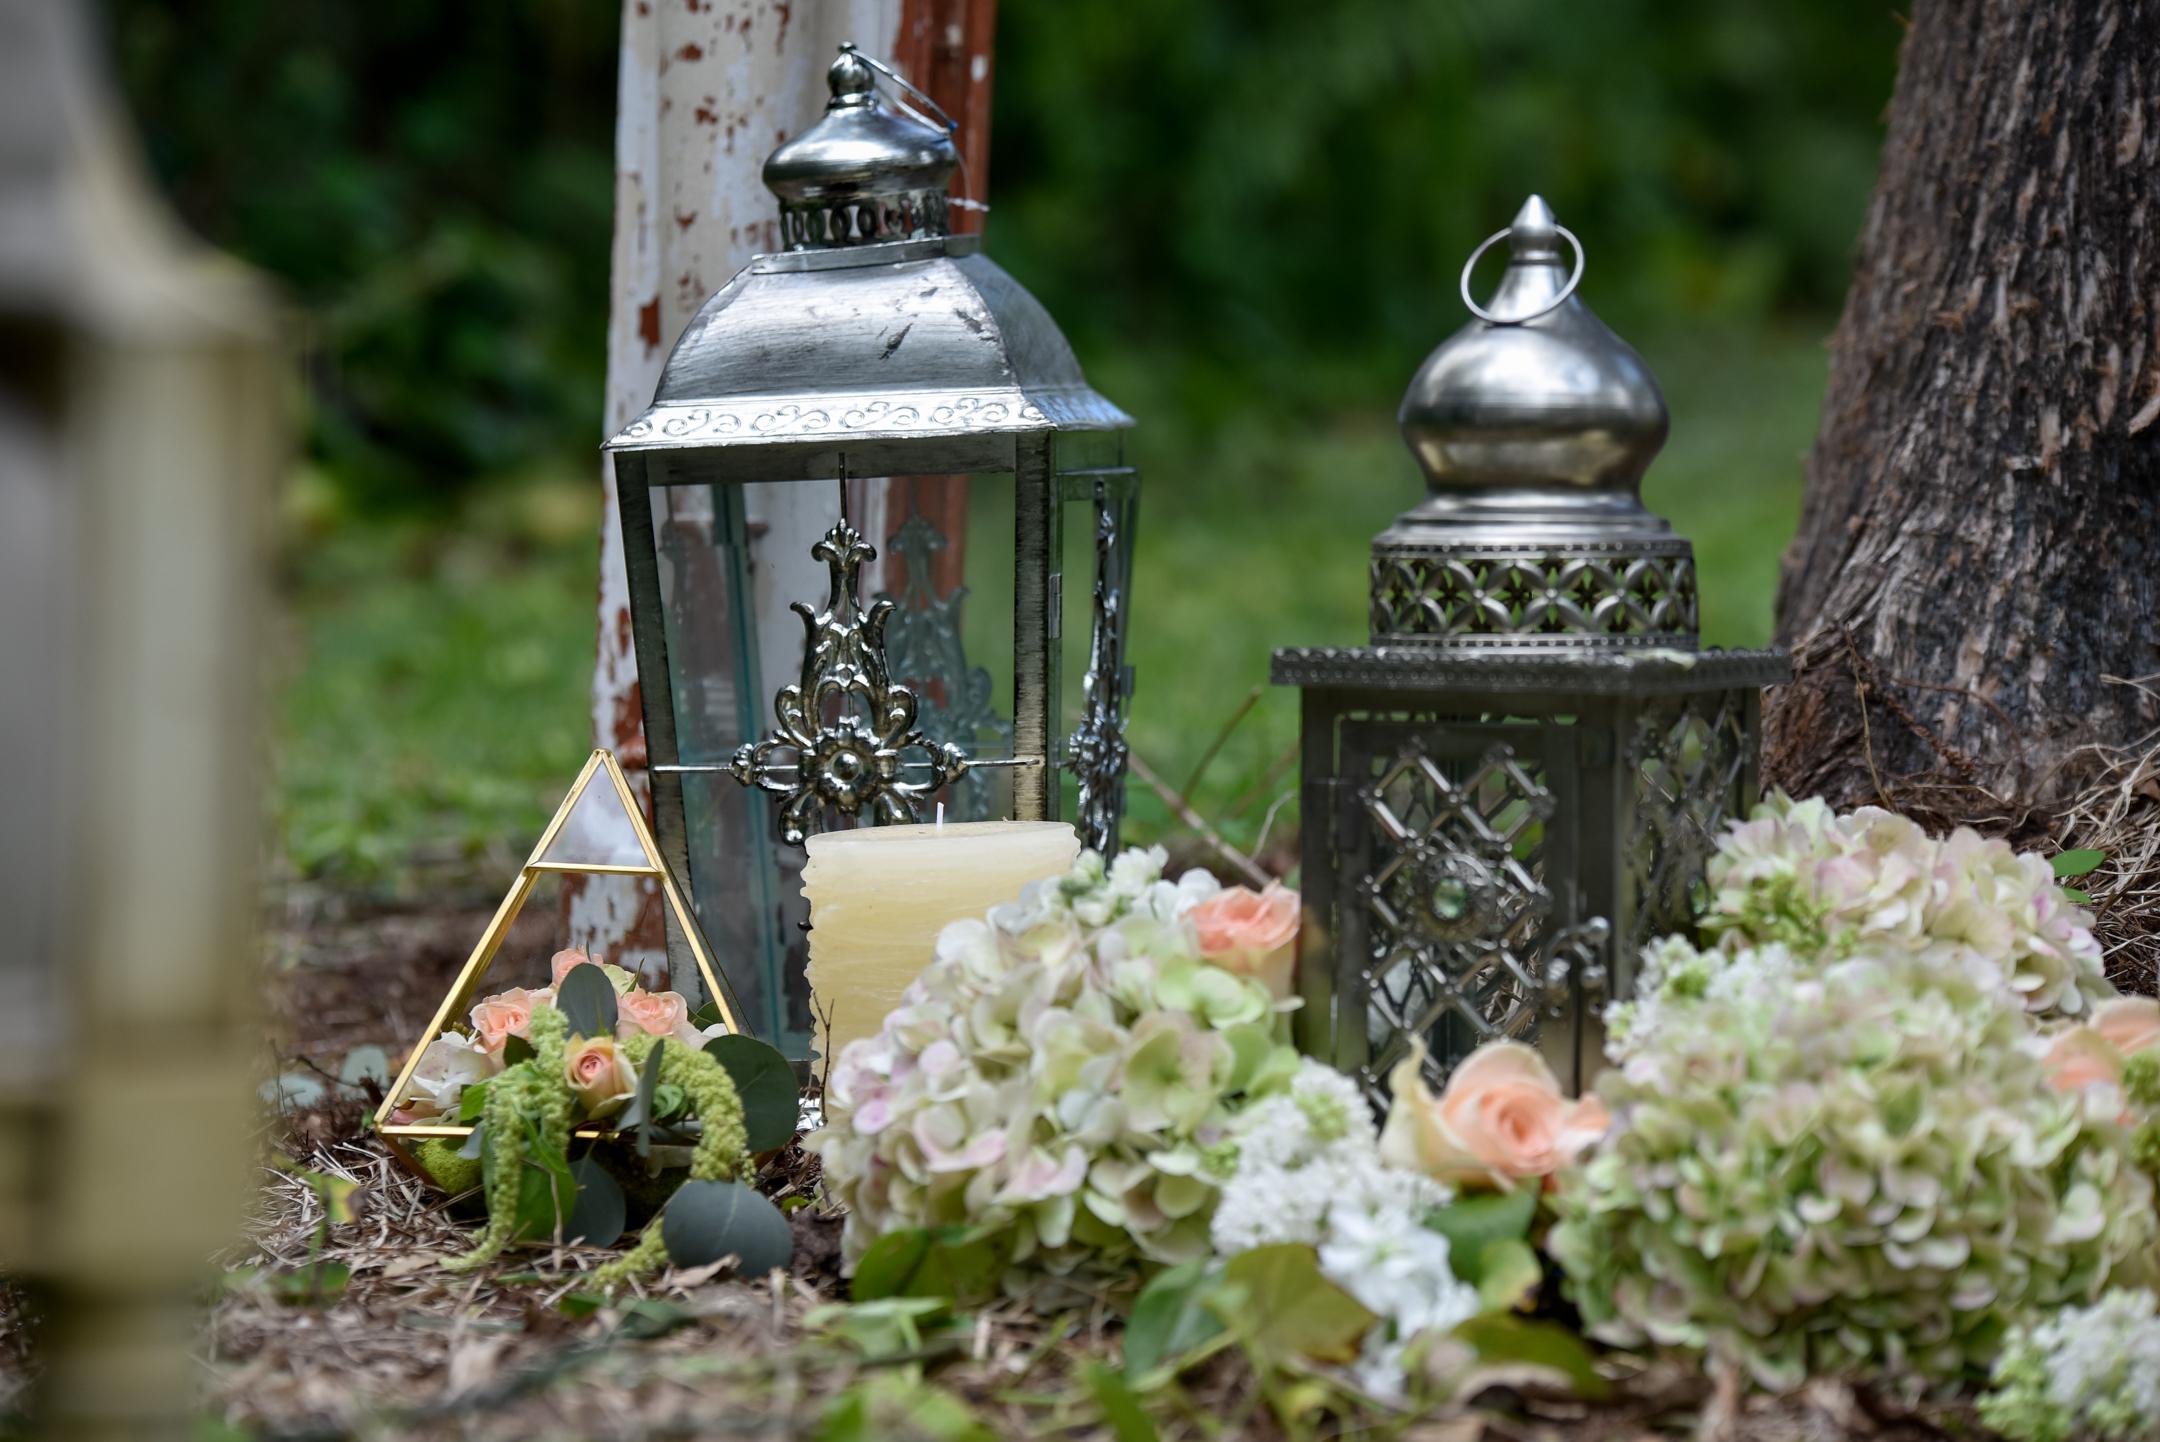 RUSTIC - Quaint & Romantic tones to set the mood.